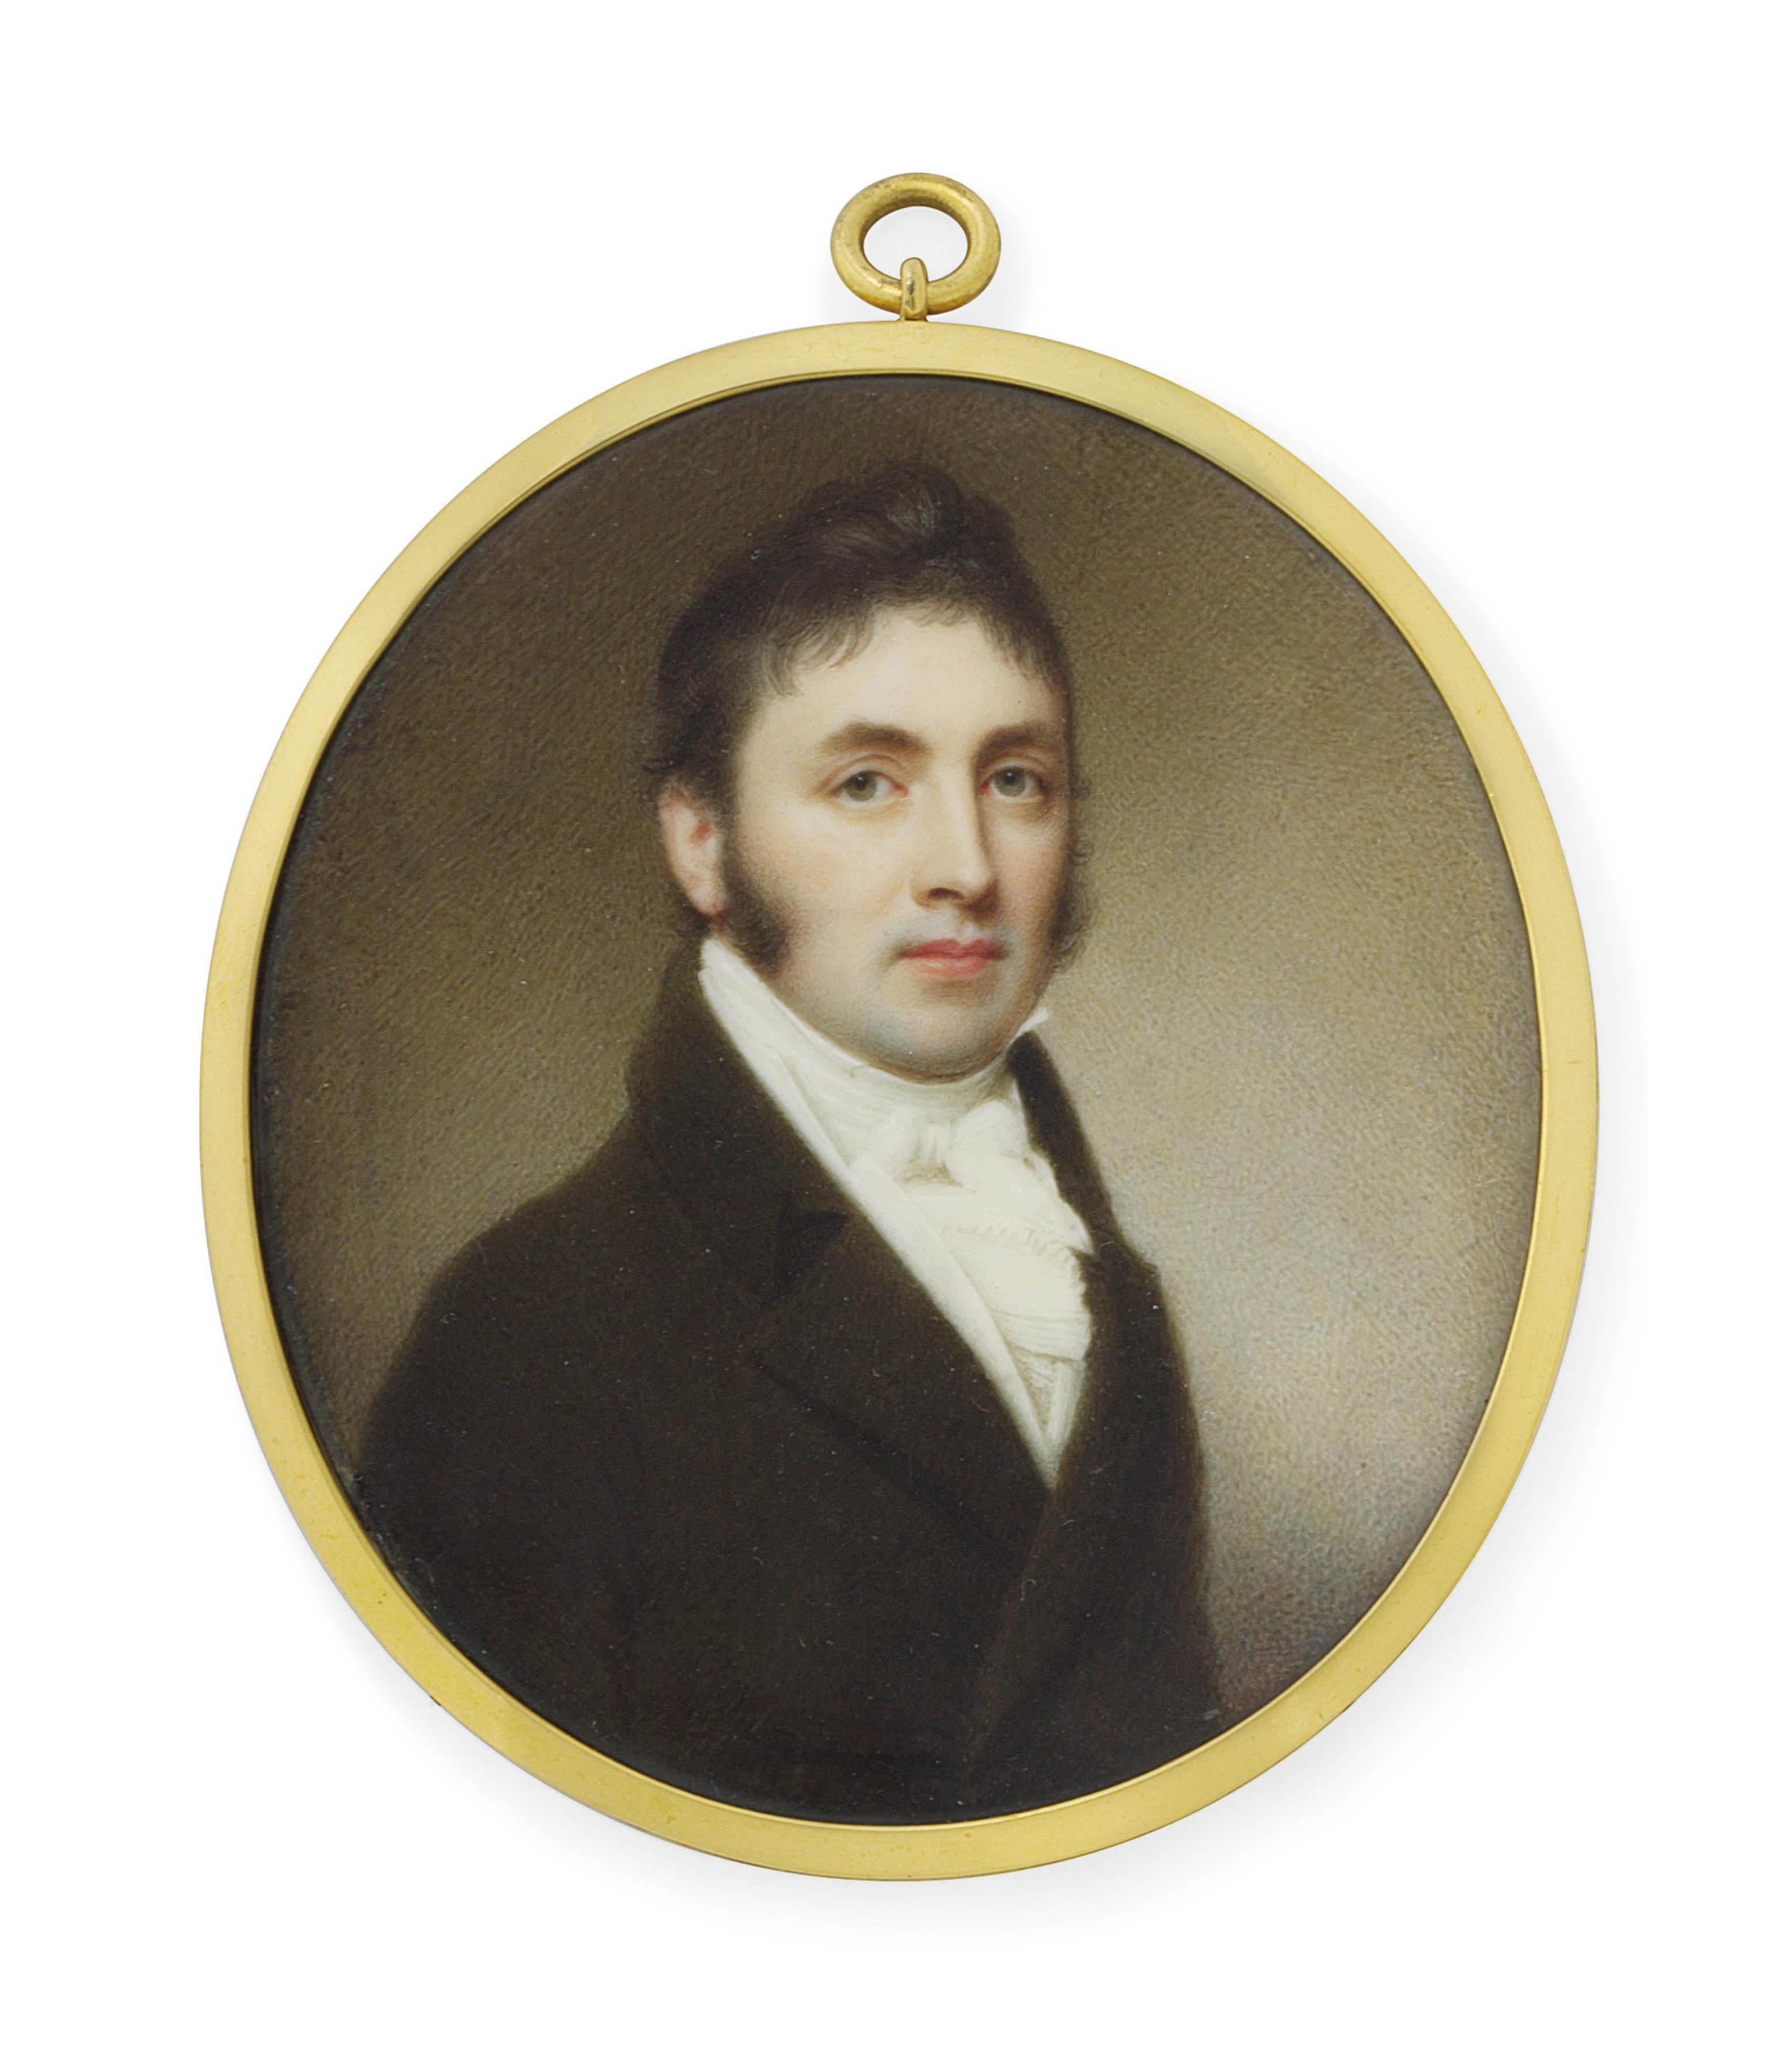 CHARLES ROBERTSON (IRISH, C. 1760 - 1821)